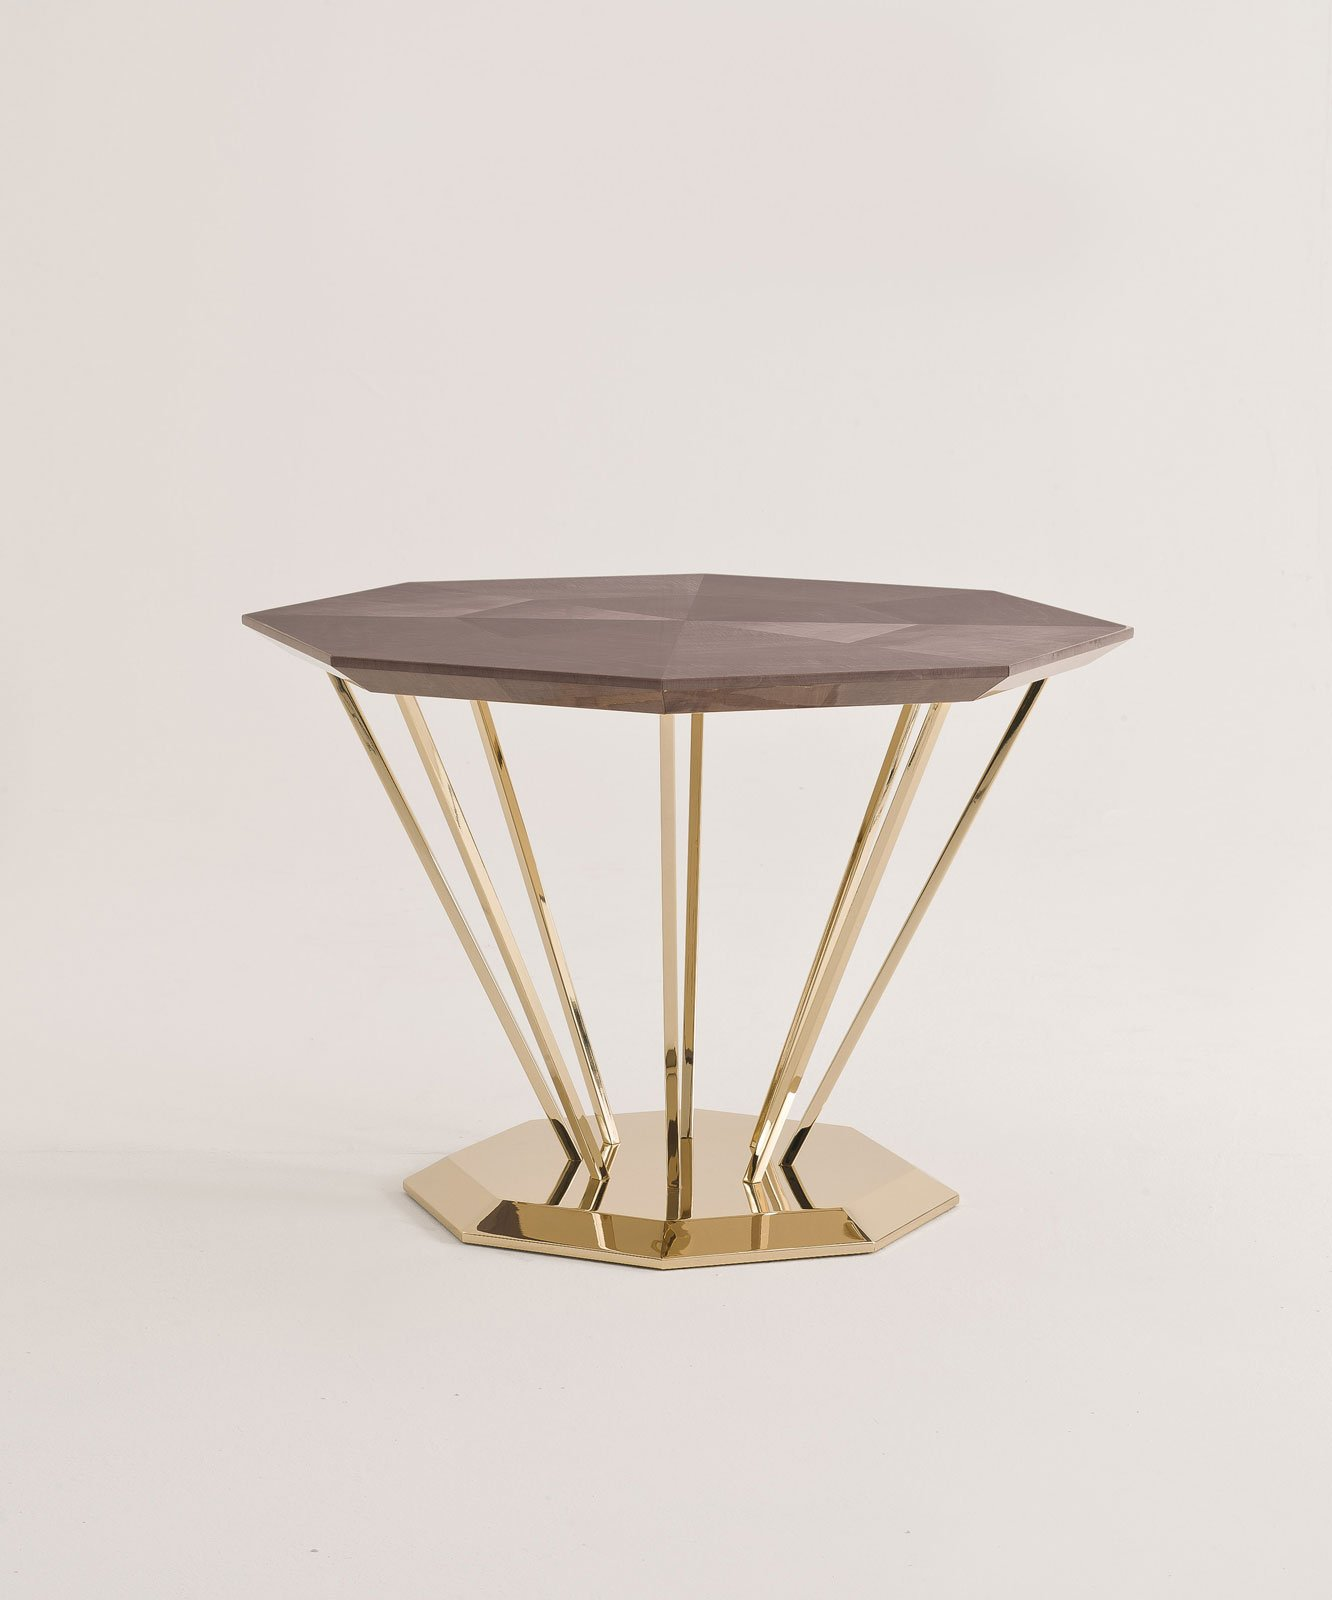 Design week i nuovi tavolini alla fiera di milano cose - Tavolini vetro e ottone ...